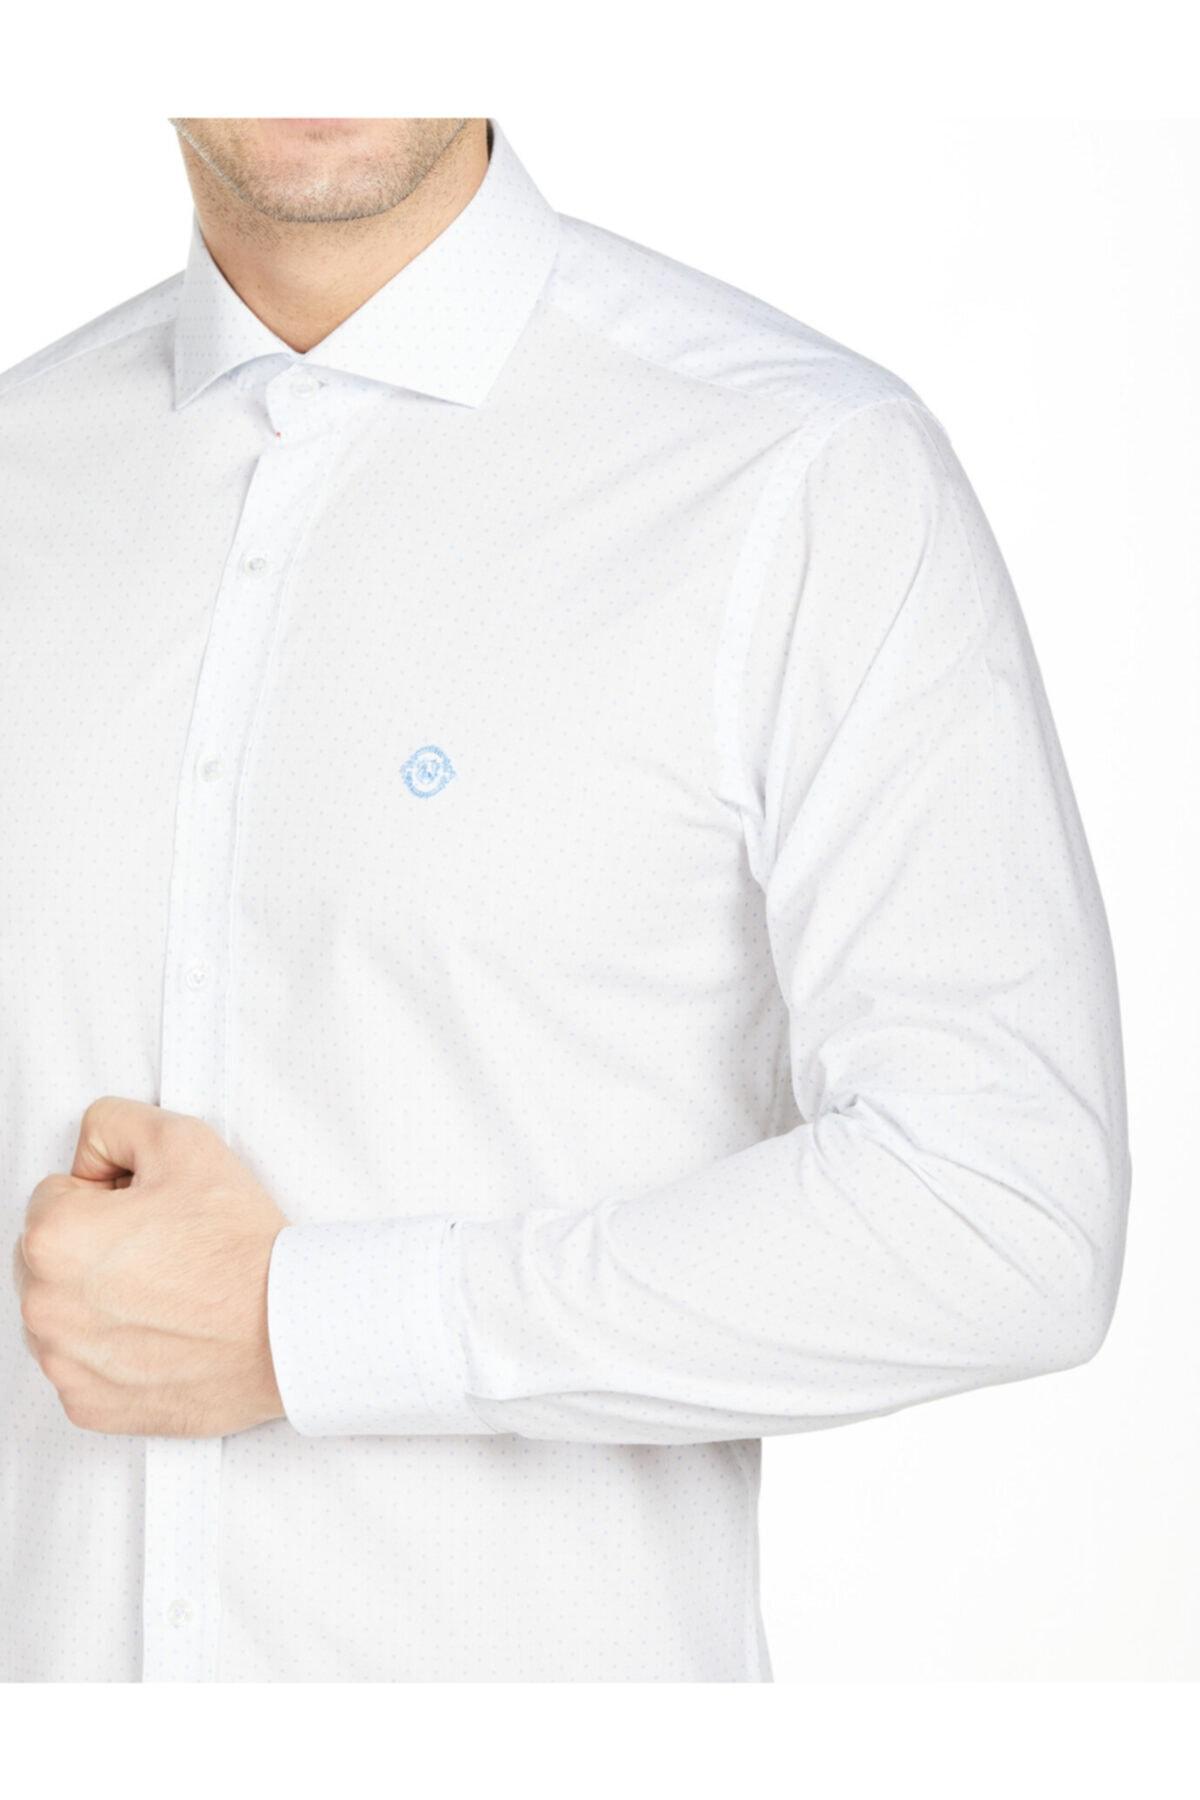 Bisse Uzun Kollu Italyan Yaka Klasik Gömlek 2